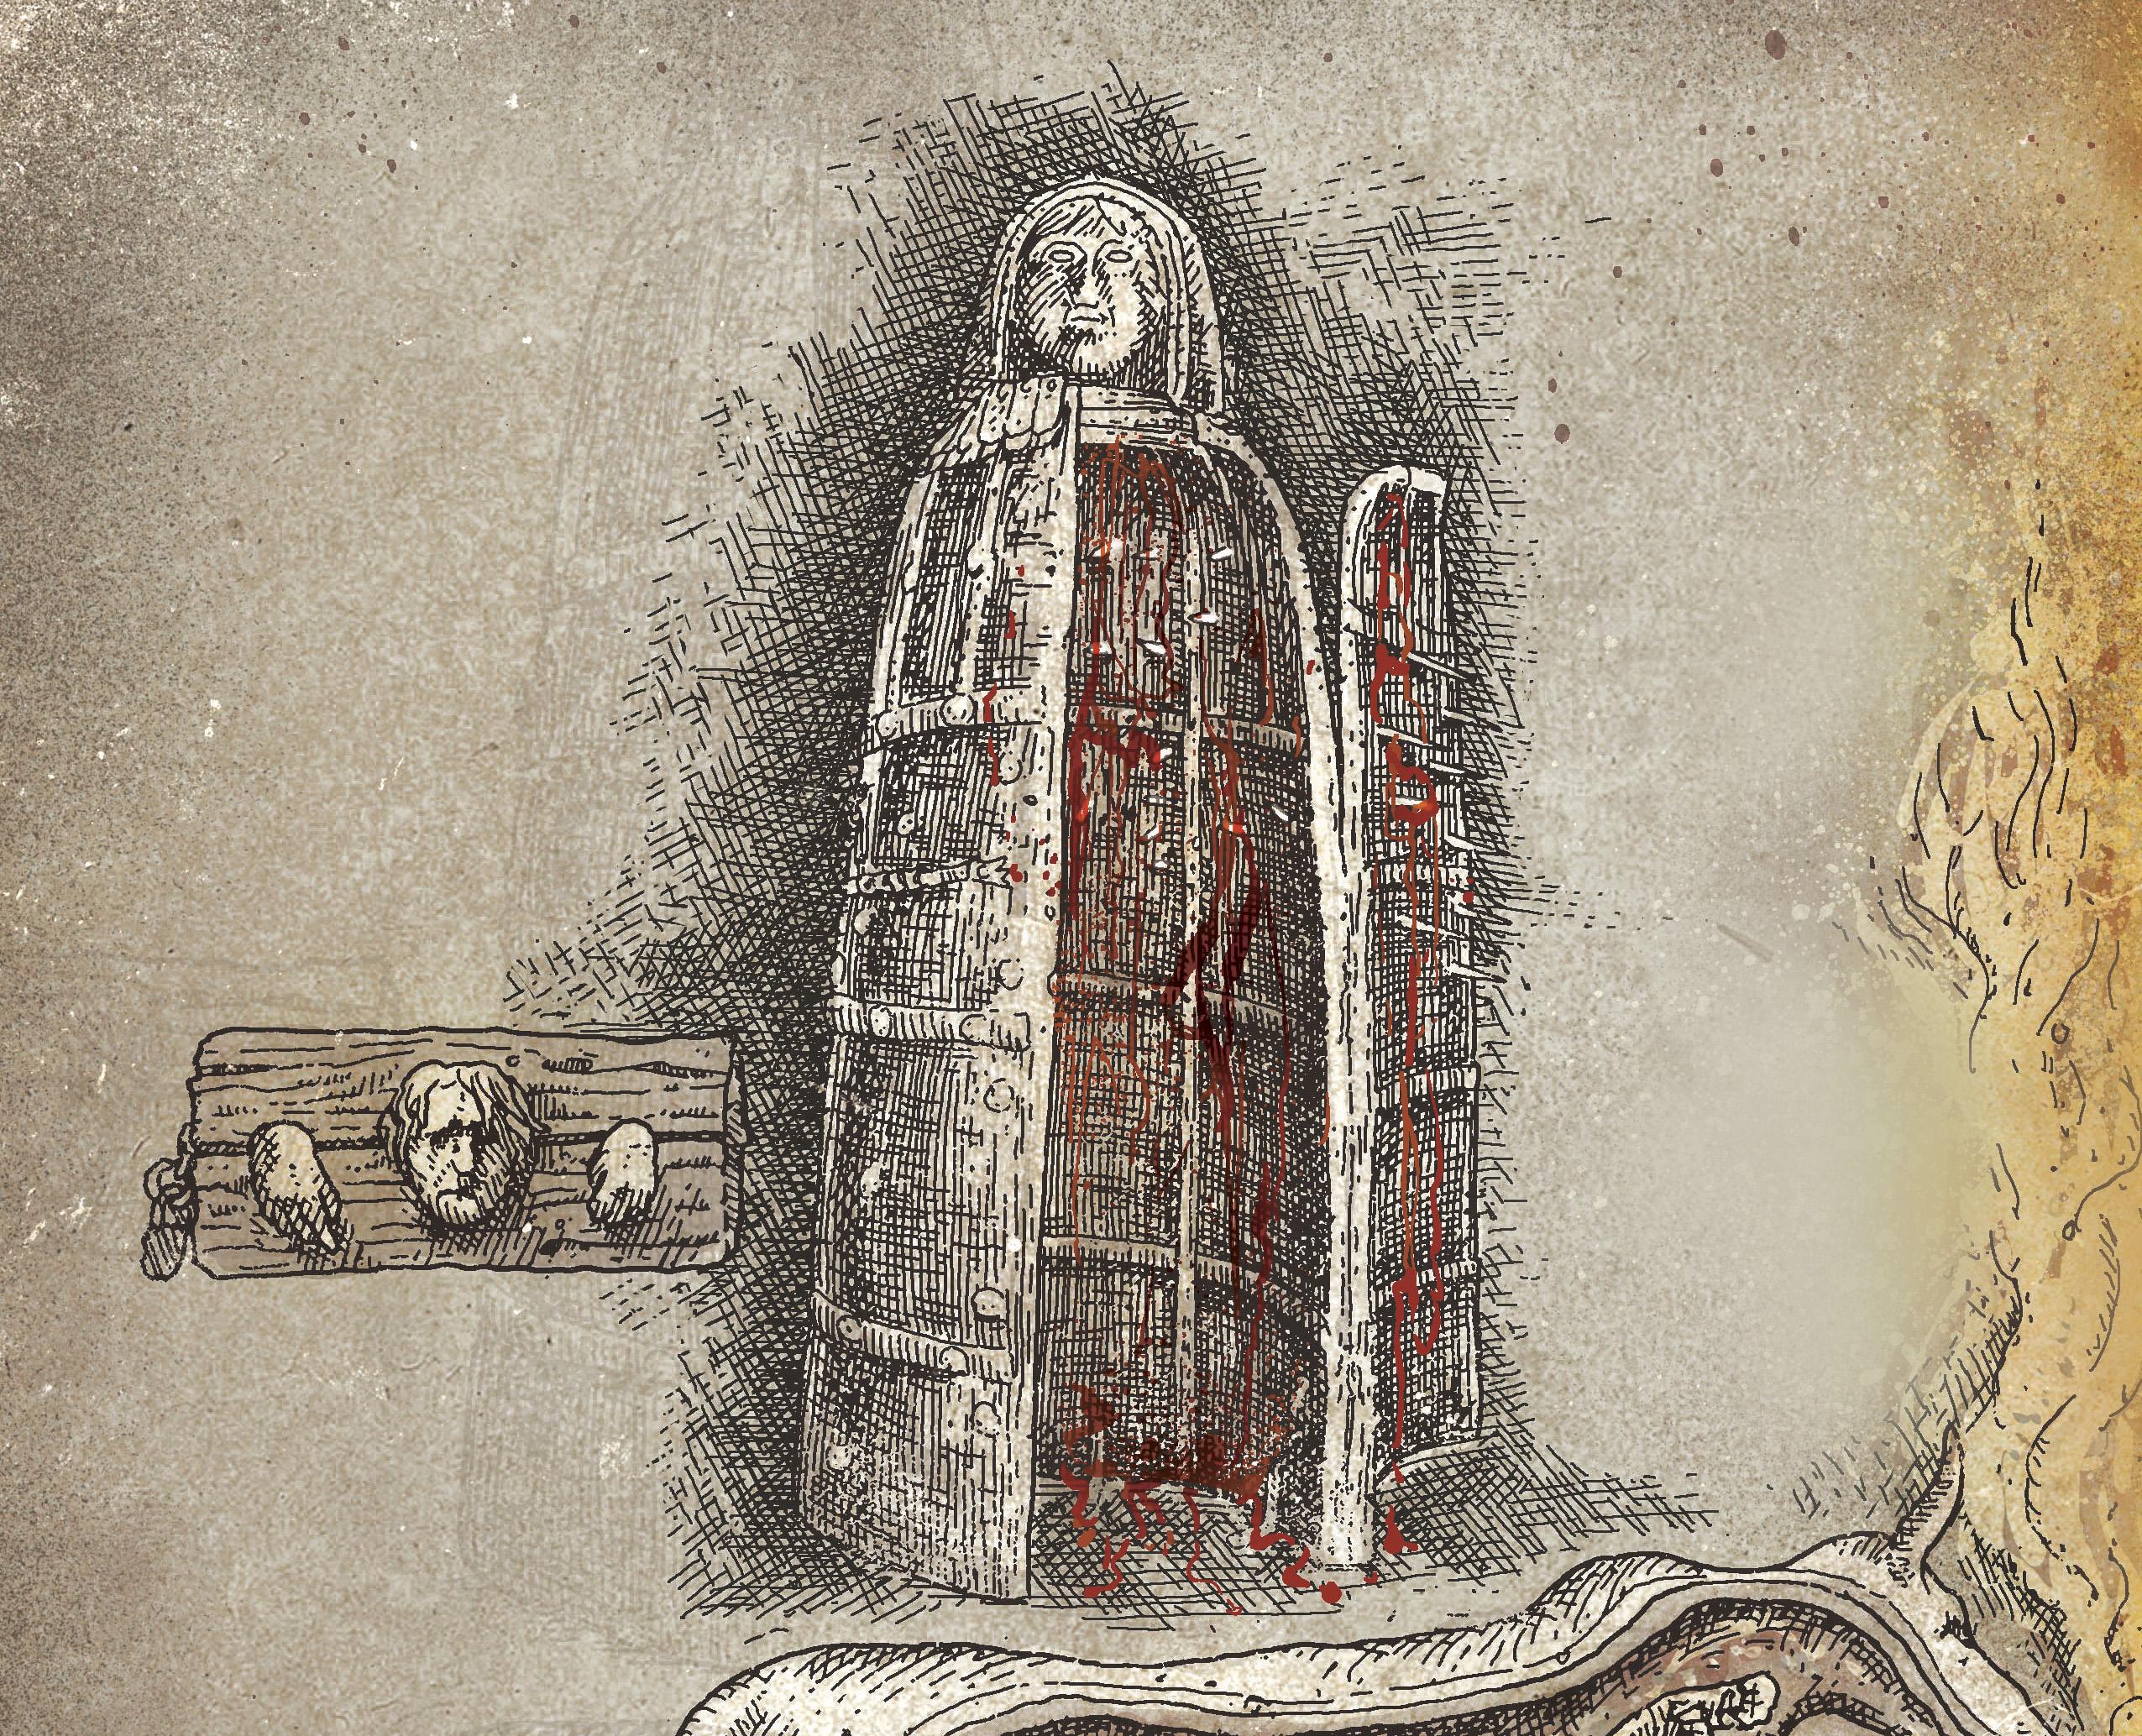 dama de ferro